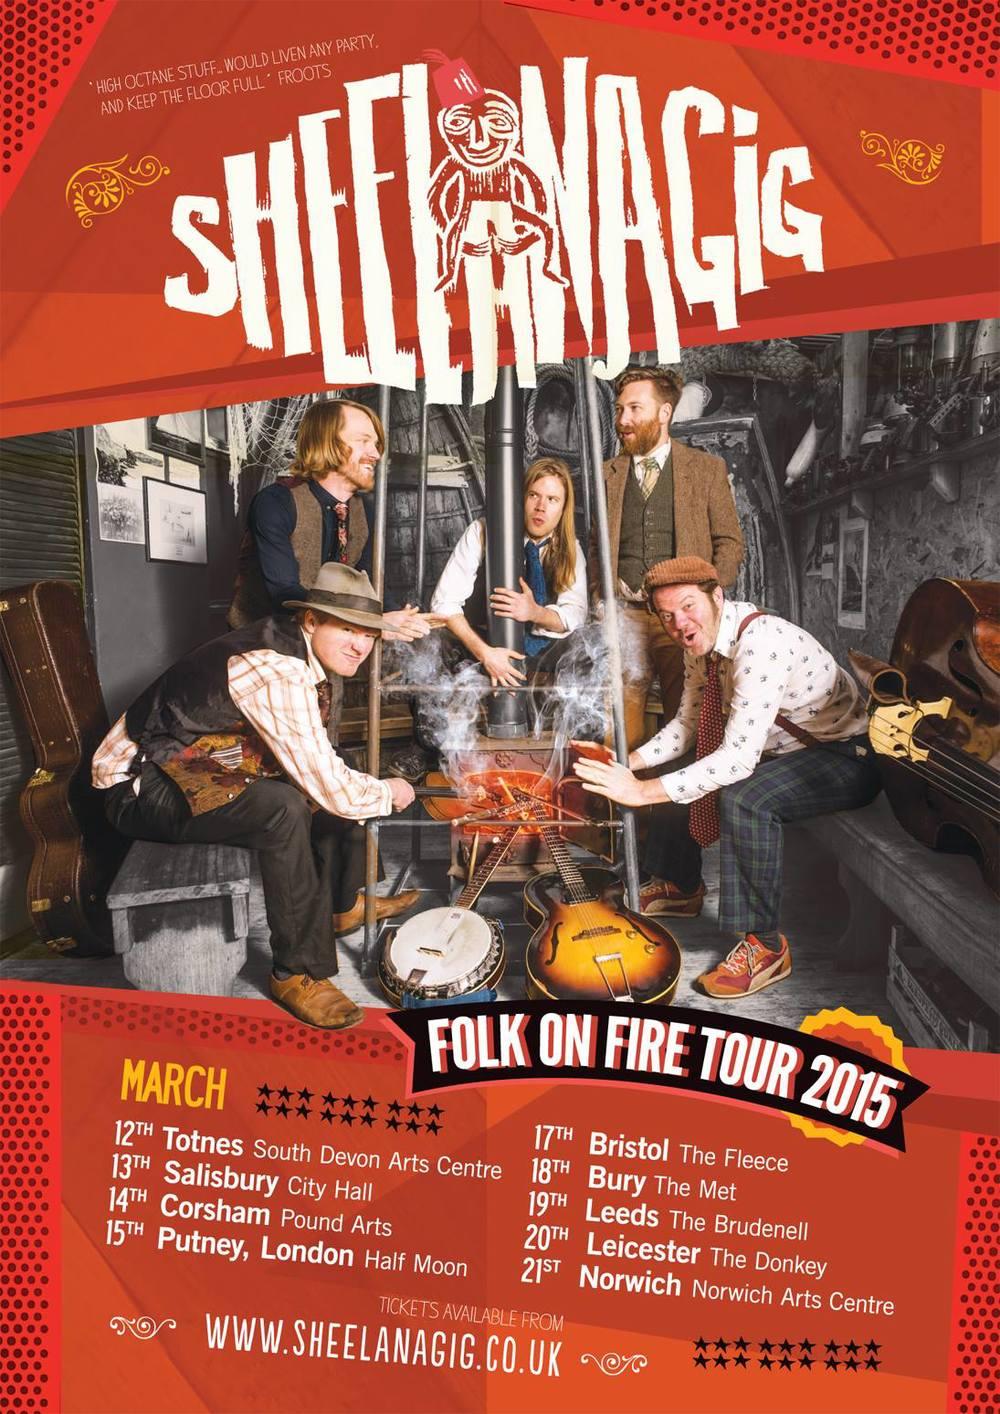 sheelanagig, folk on fire tour, 2015, promo photography